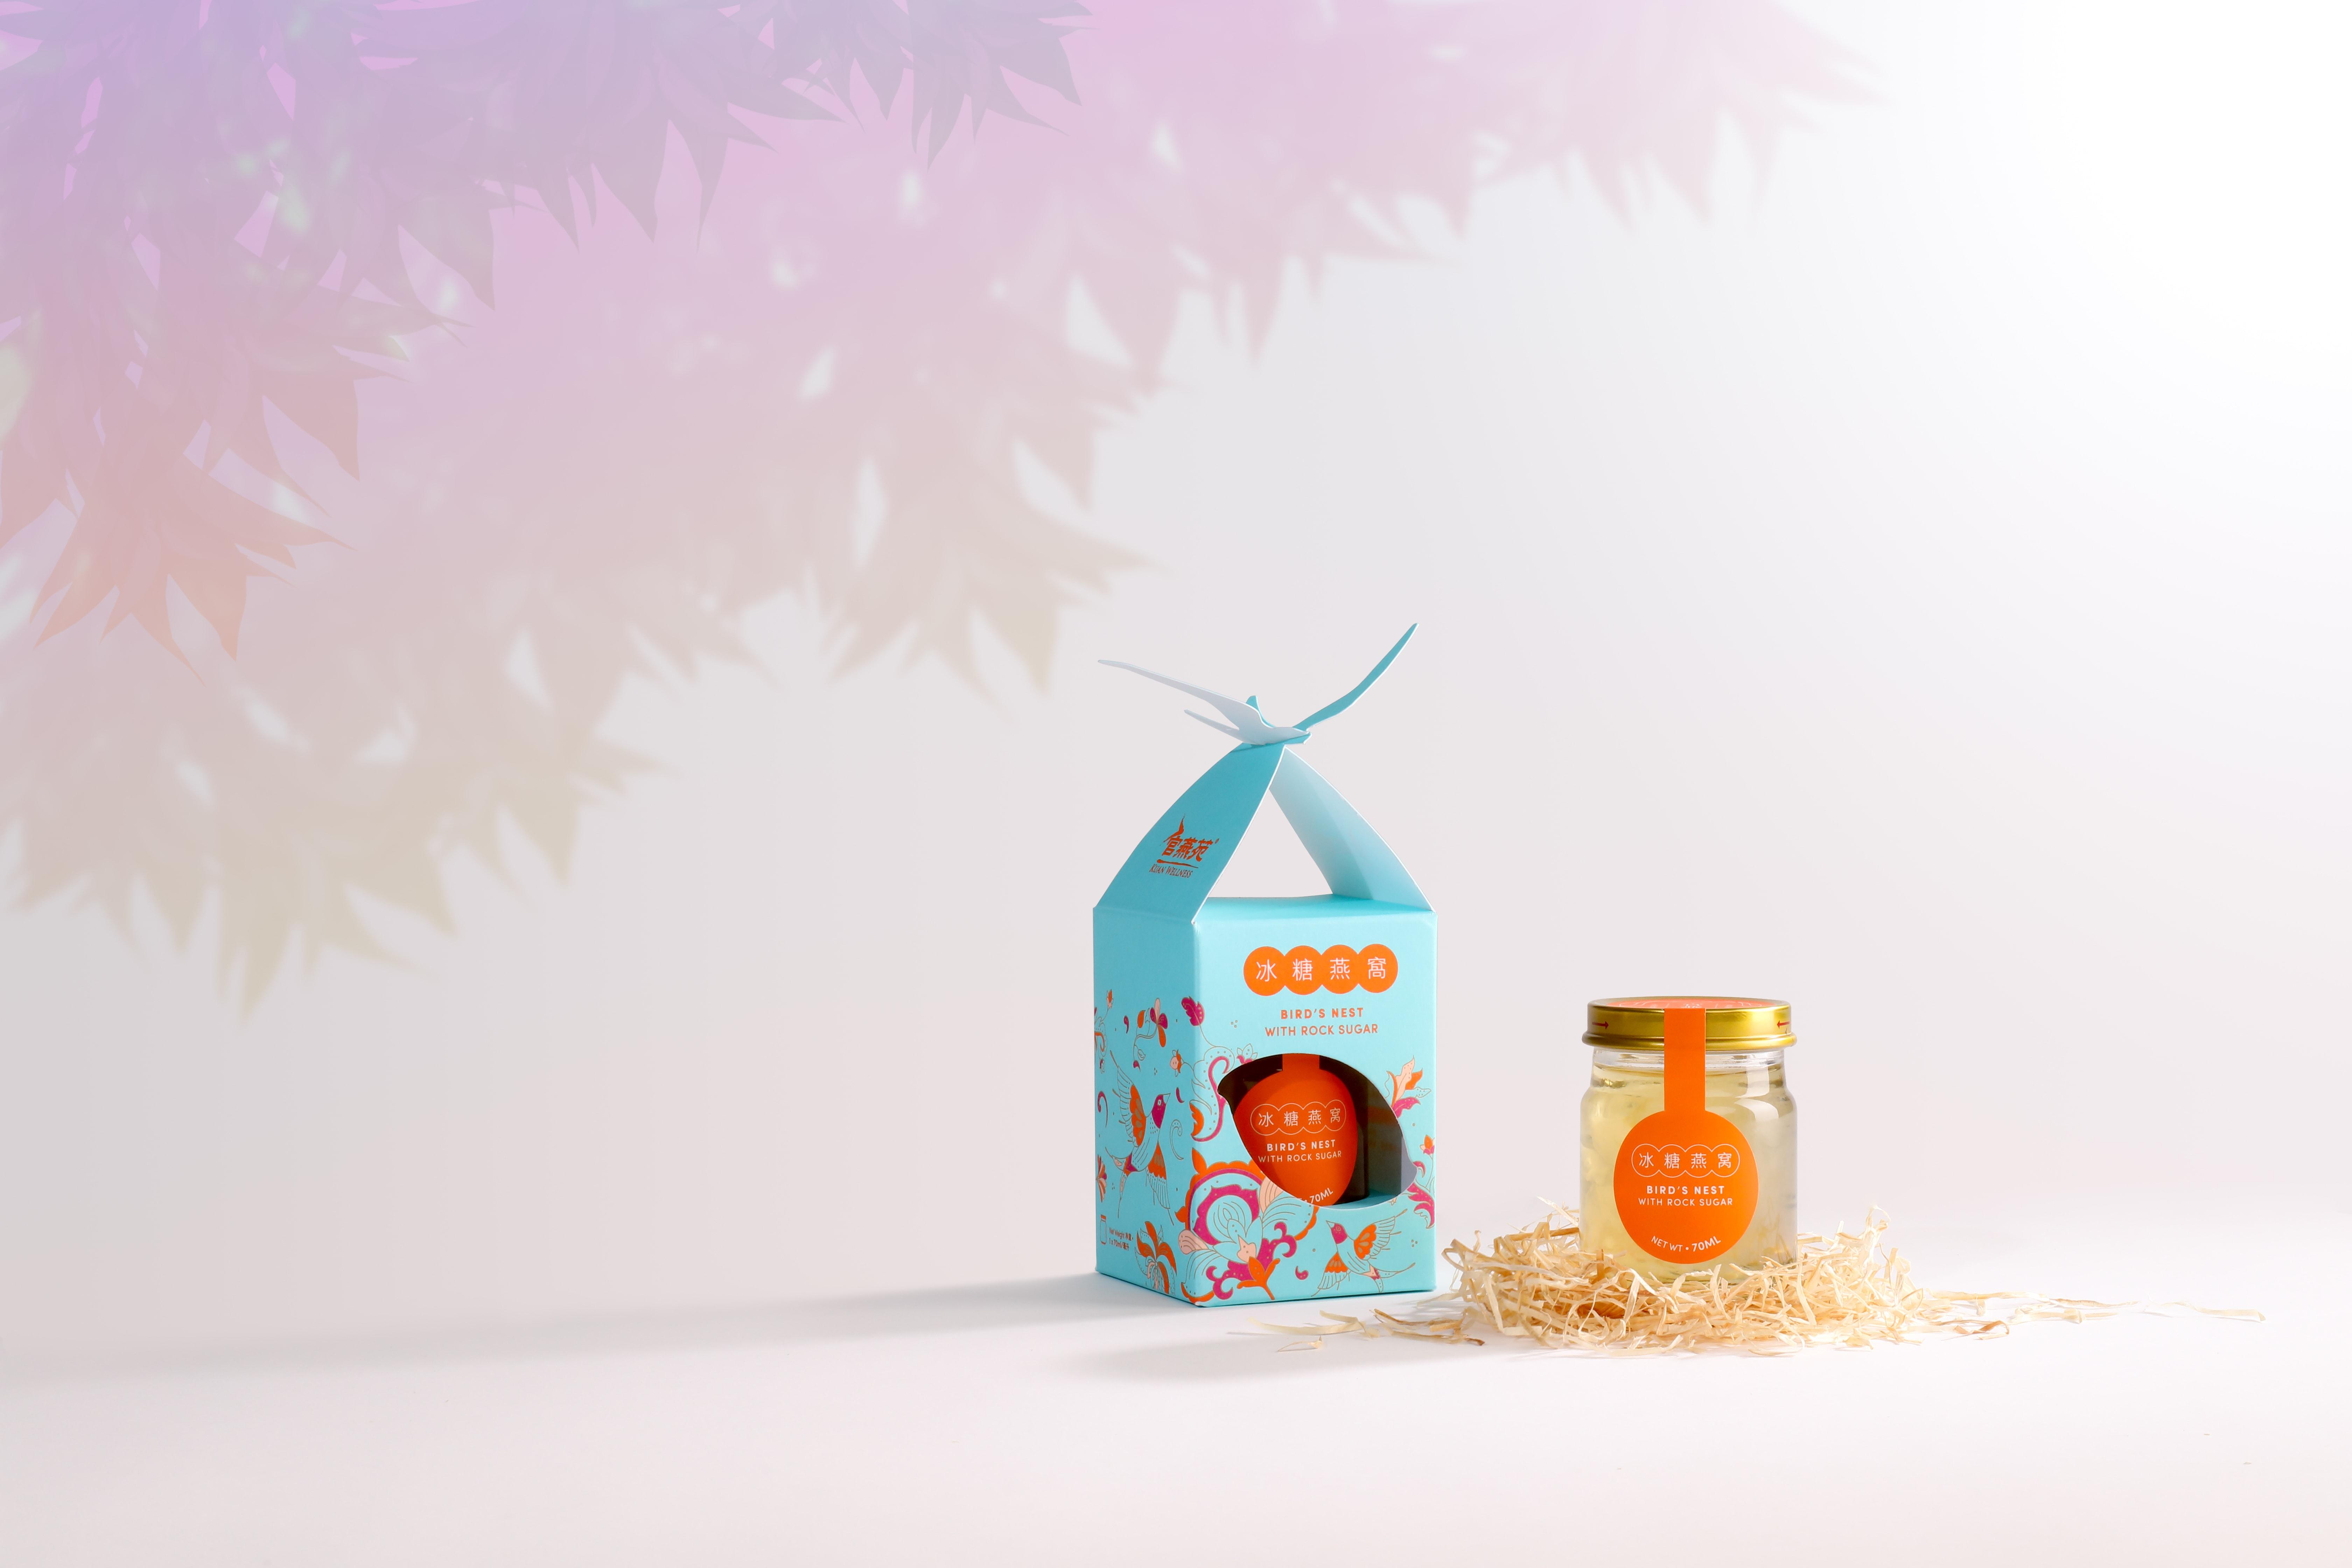 冰糖燕窝-礼盒装(马来西亚装)